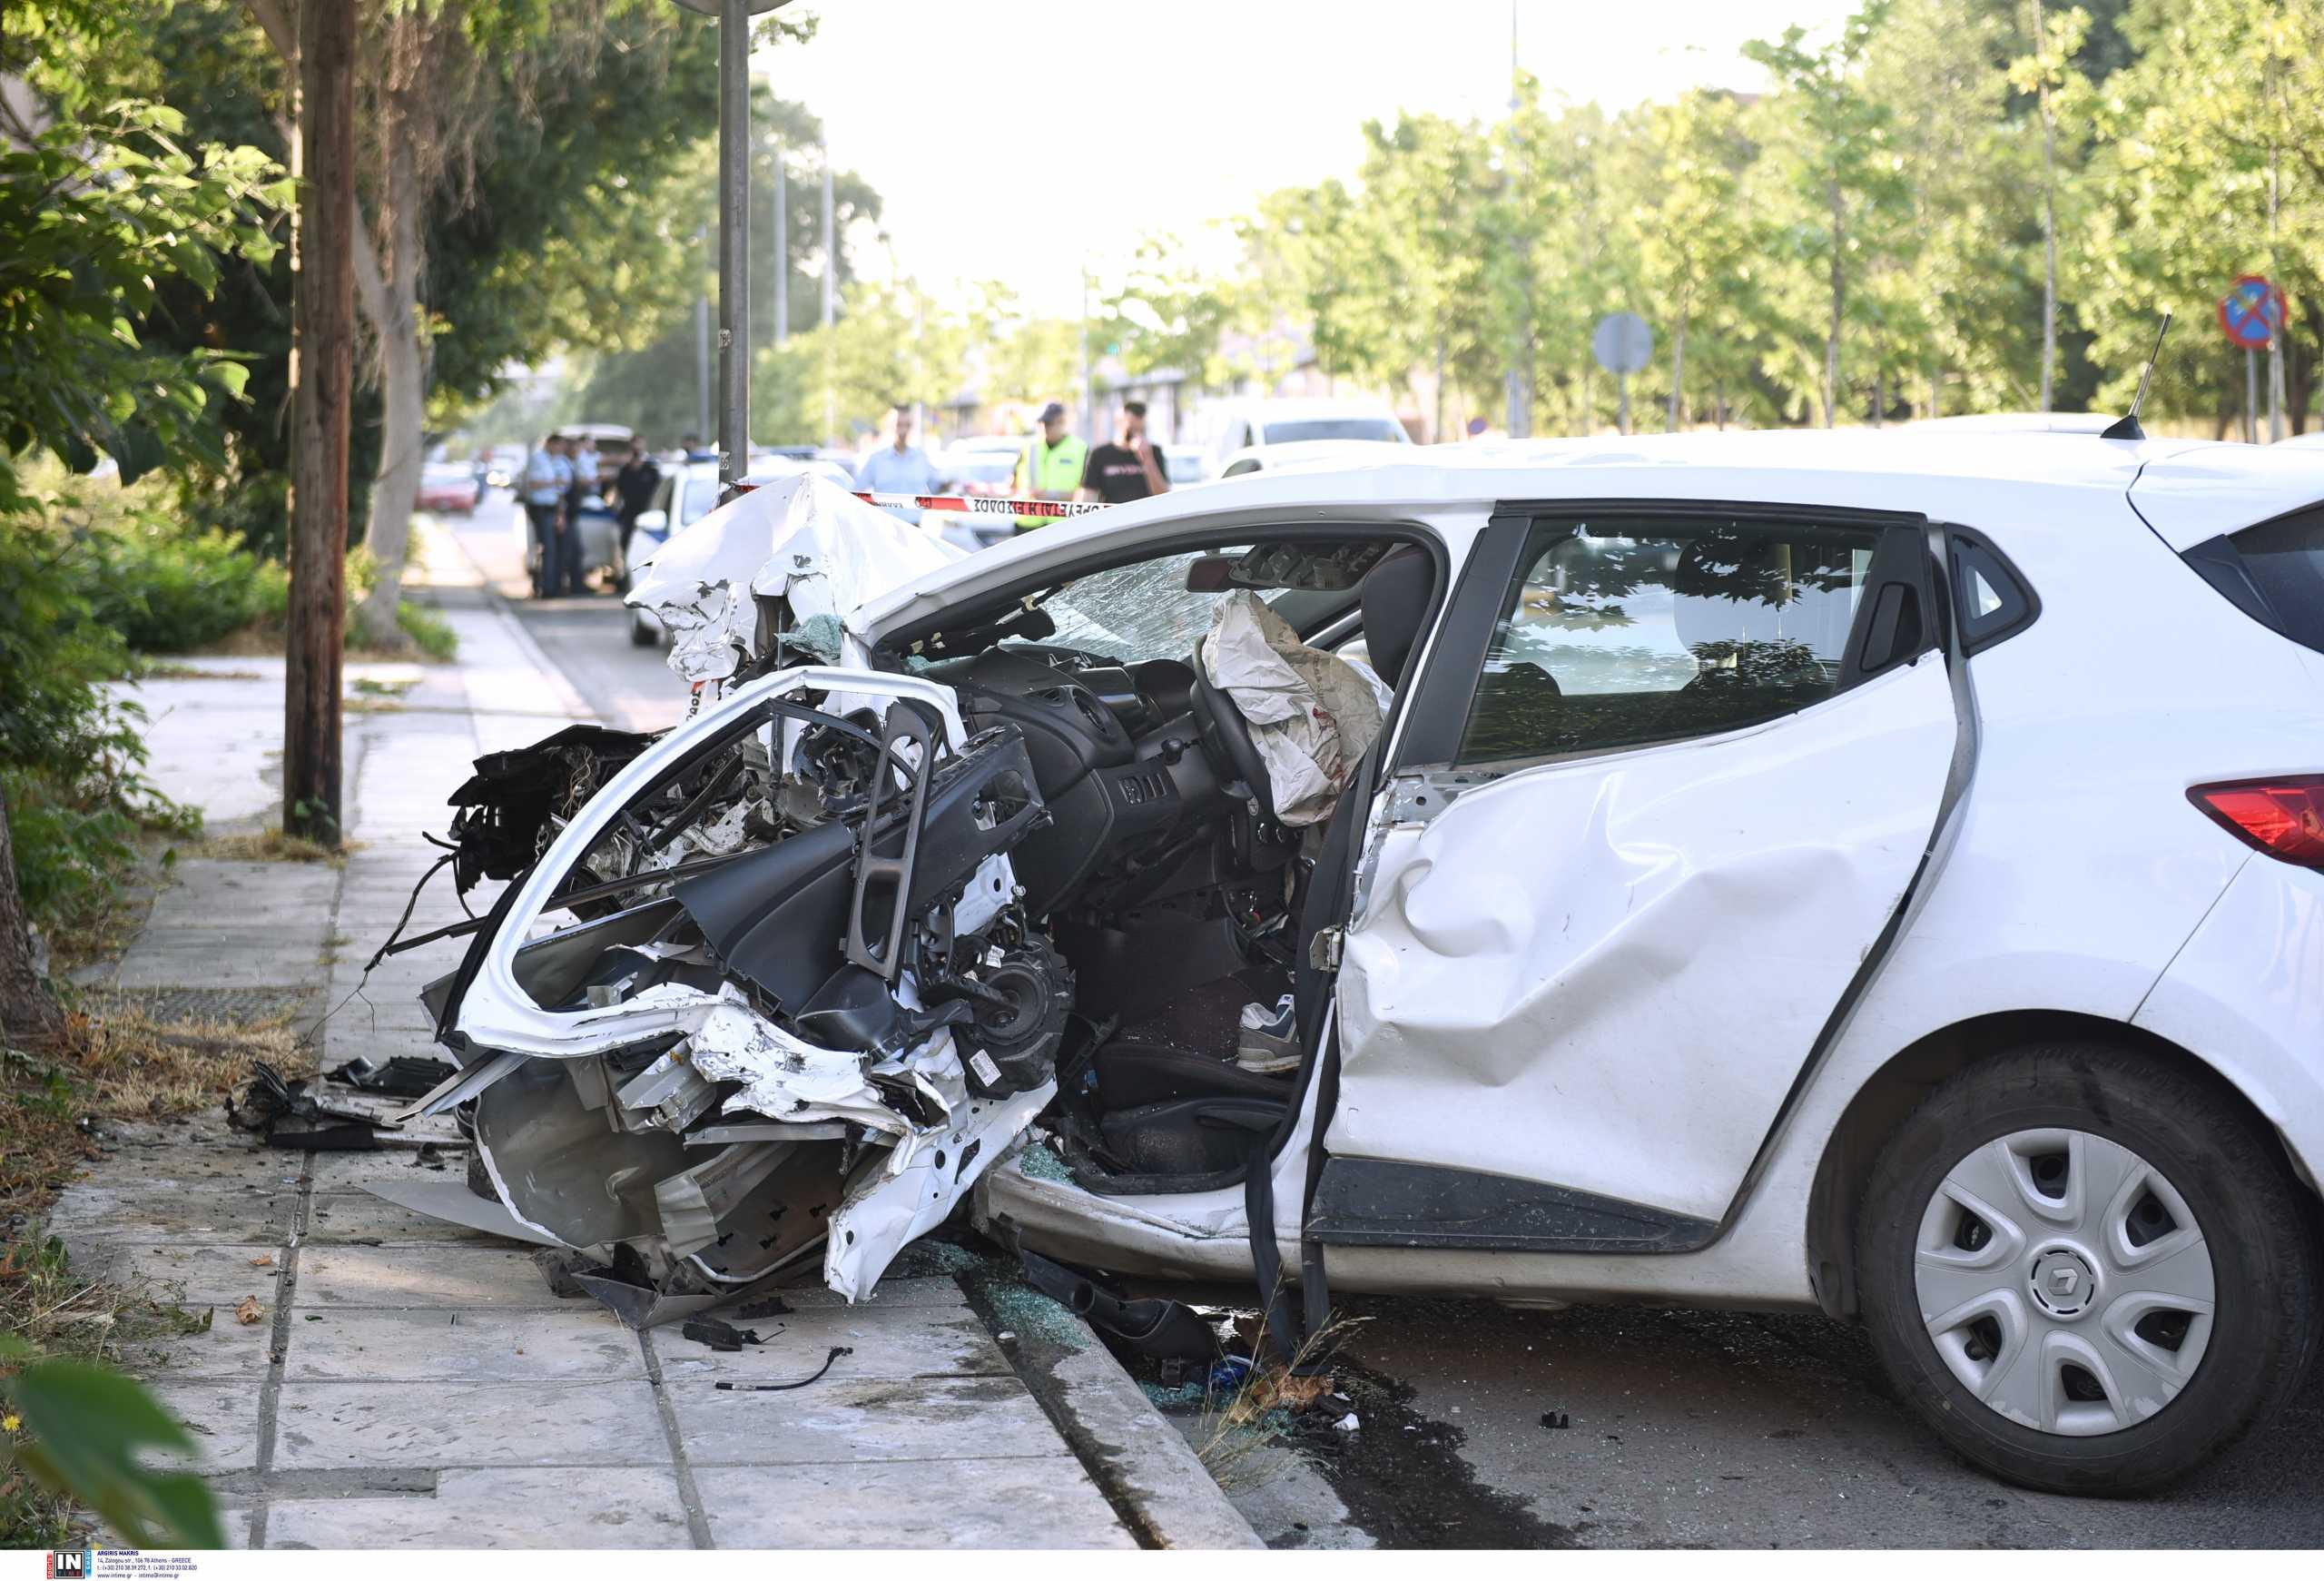 Κρήτη: Μία νεκρή και 3 τραυματίες σε φοβερό τροχαίο στην Κίσαμο